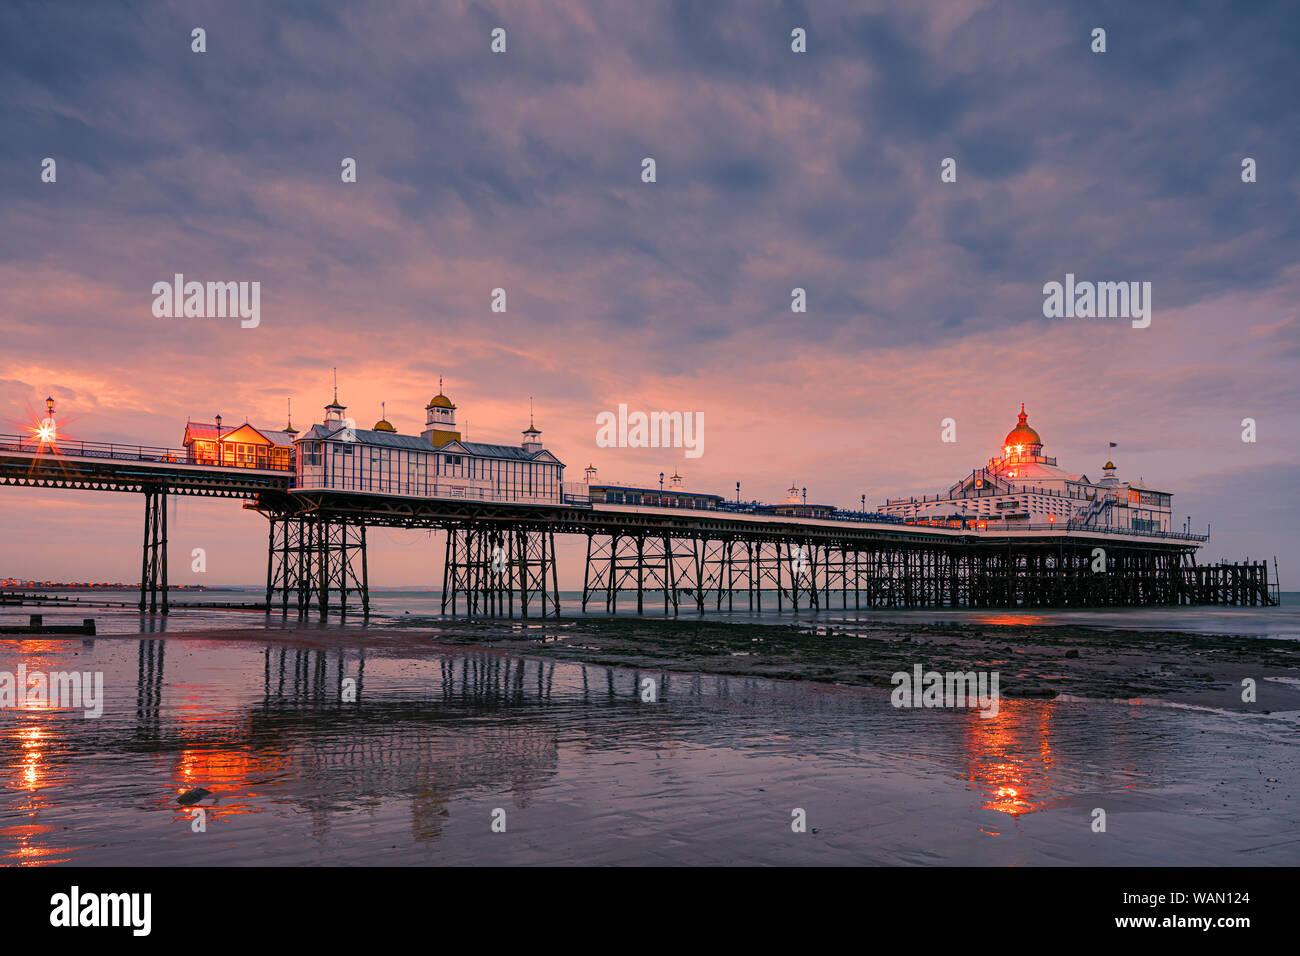 Eastbourne Pier ist ein Badeort, der Pleasure Pier in Eastbourne, East Sussex, an der Südküste von England. Stockfoto